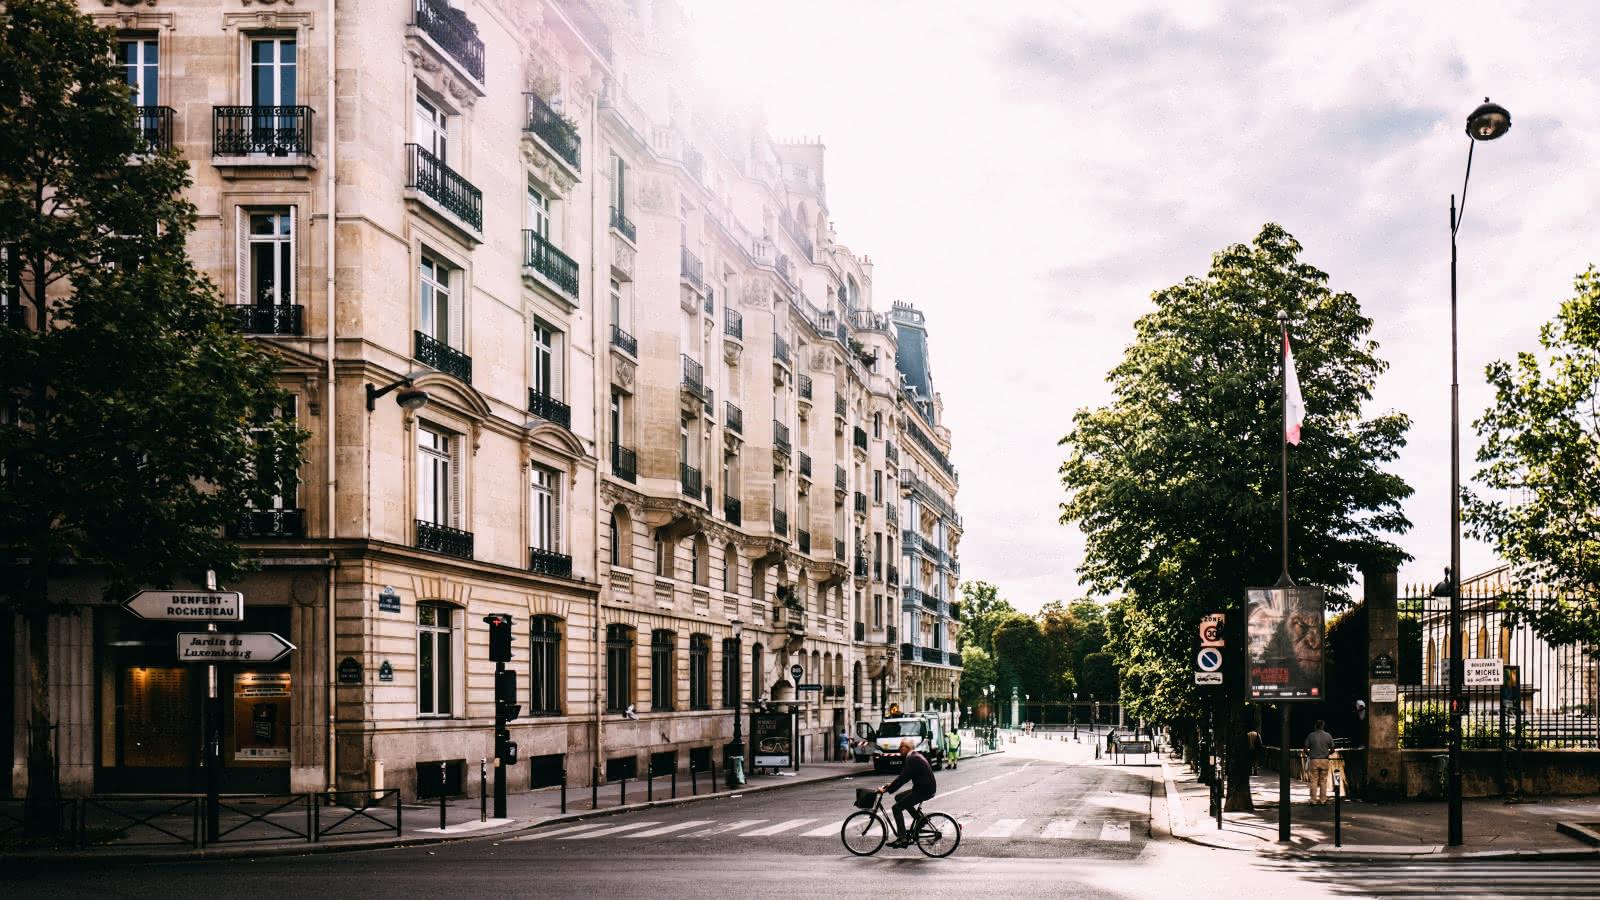 the women of paris tour in paris latin quarter